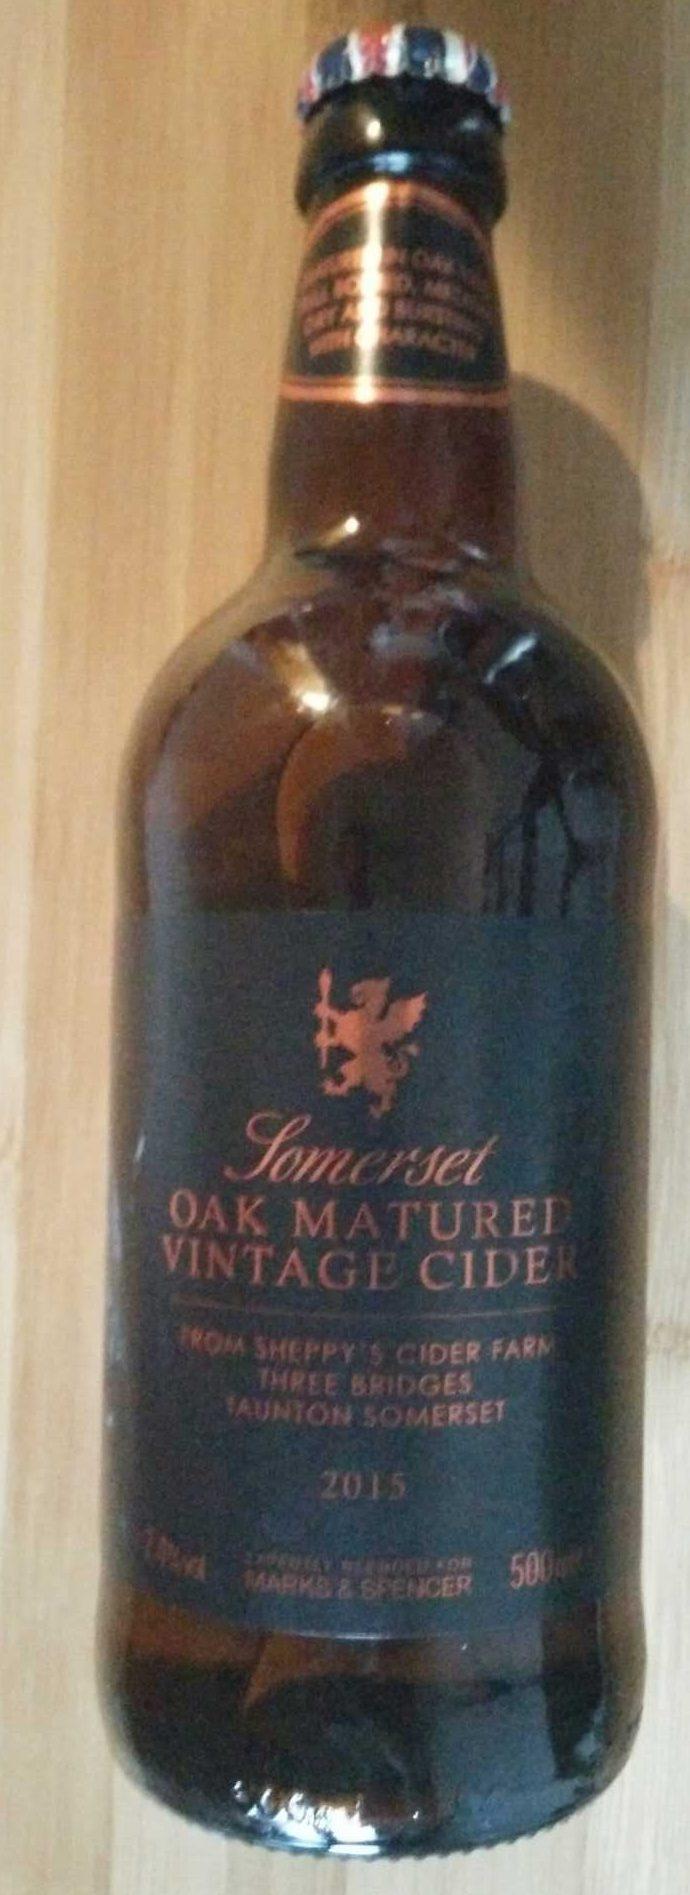 Sommerset Oak Matured Vintage Cider 2015 - Product